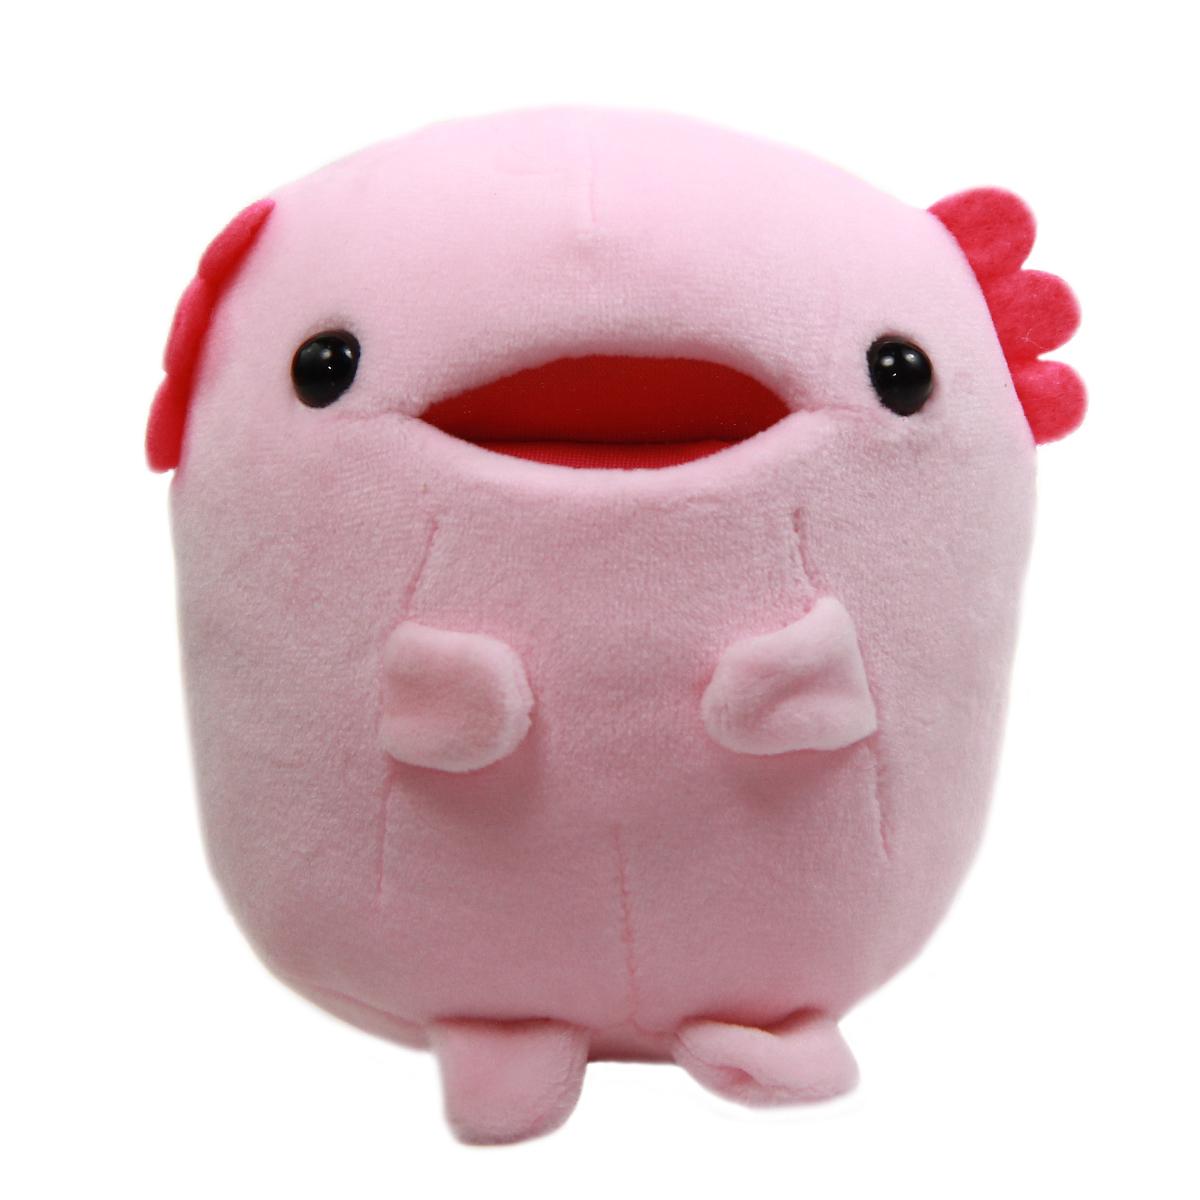 Axolotl Plush Toy Tachippa!! Standing Super Soft Stuffed Animal Pink Uparupa 5